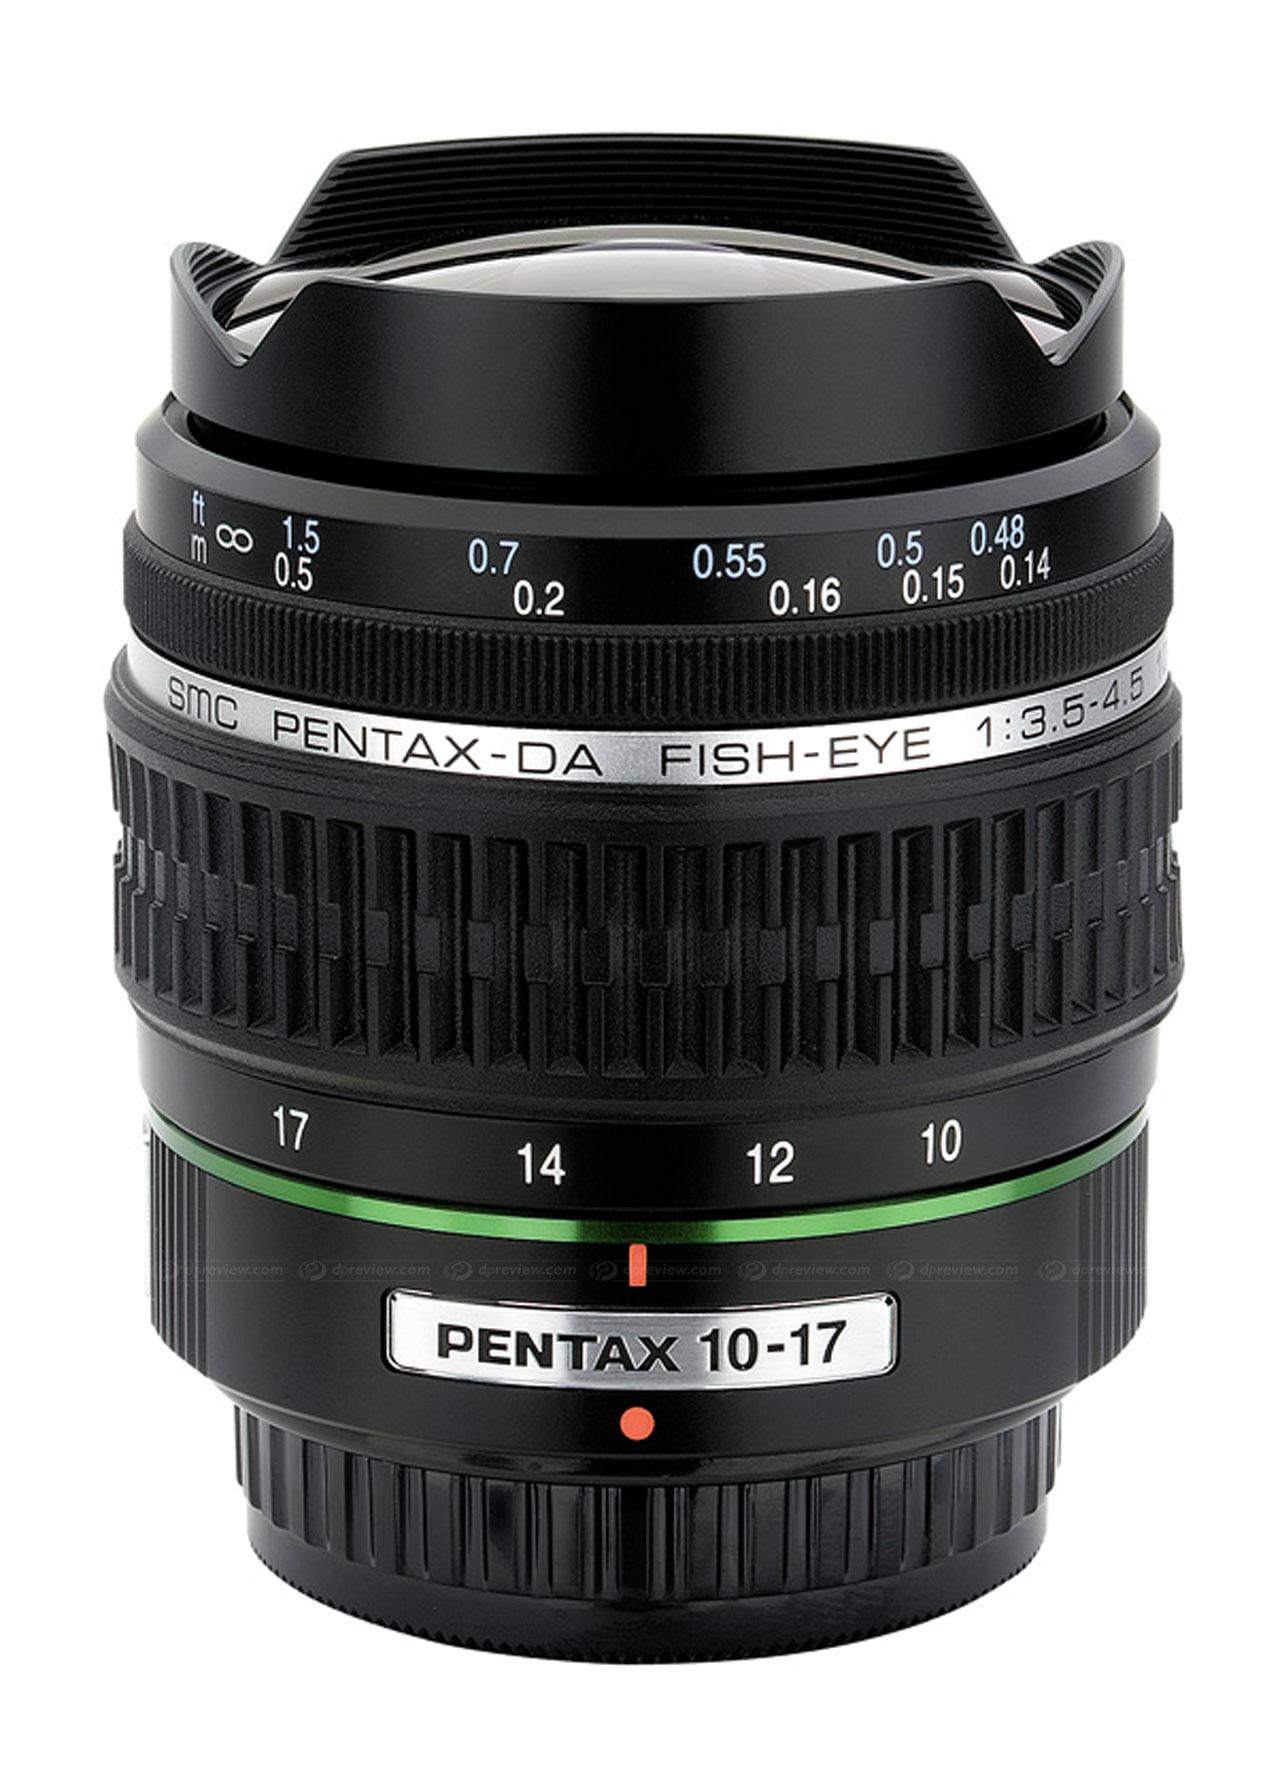 Pentax_10-17mm_fisheye